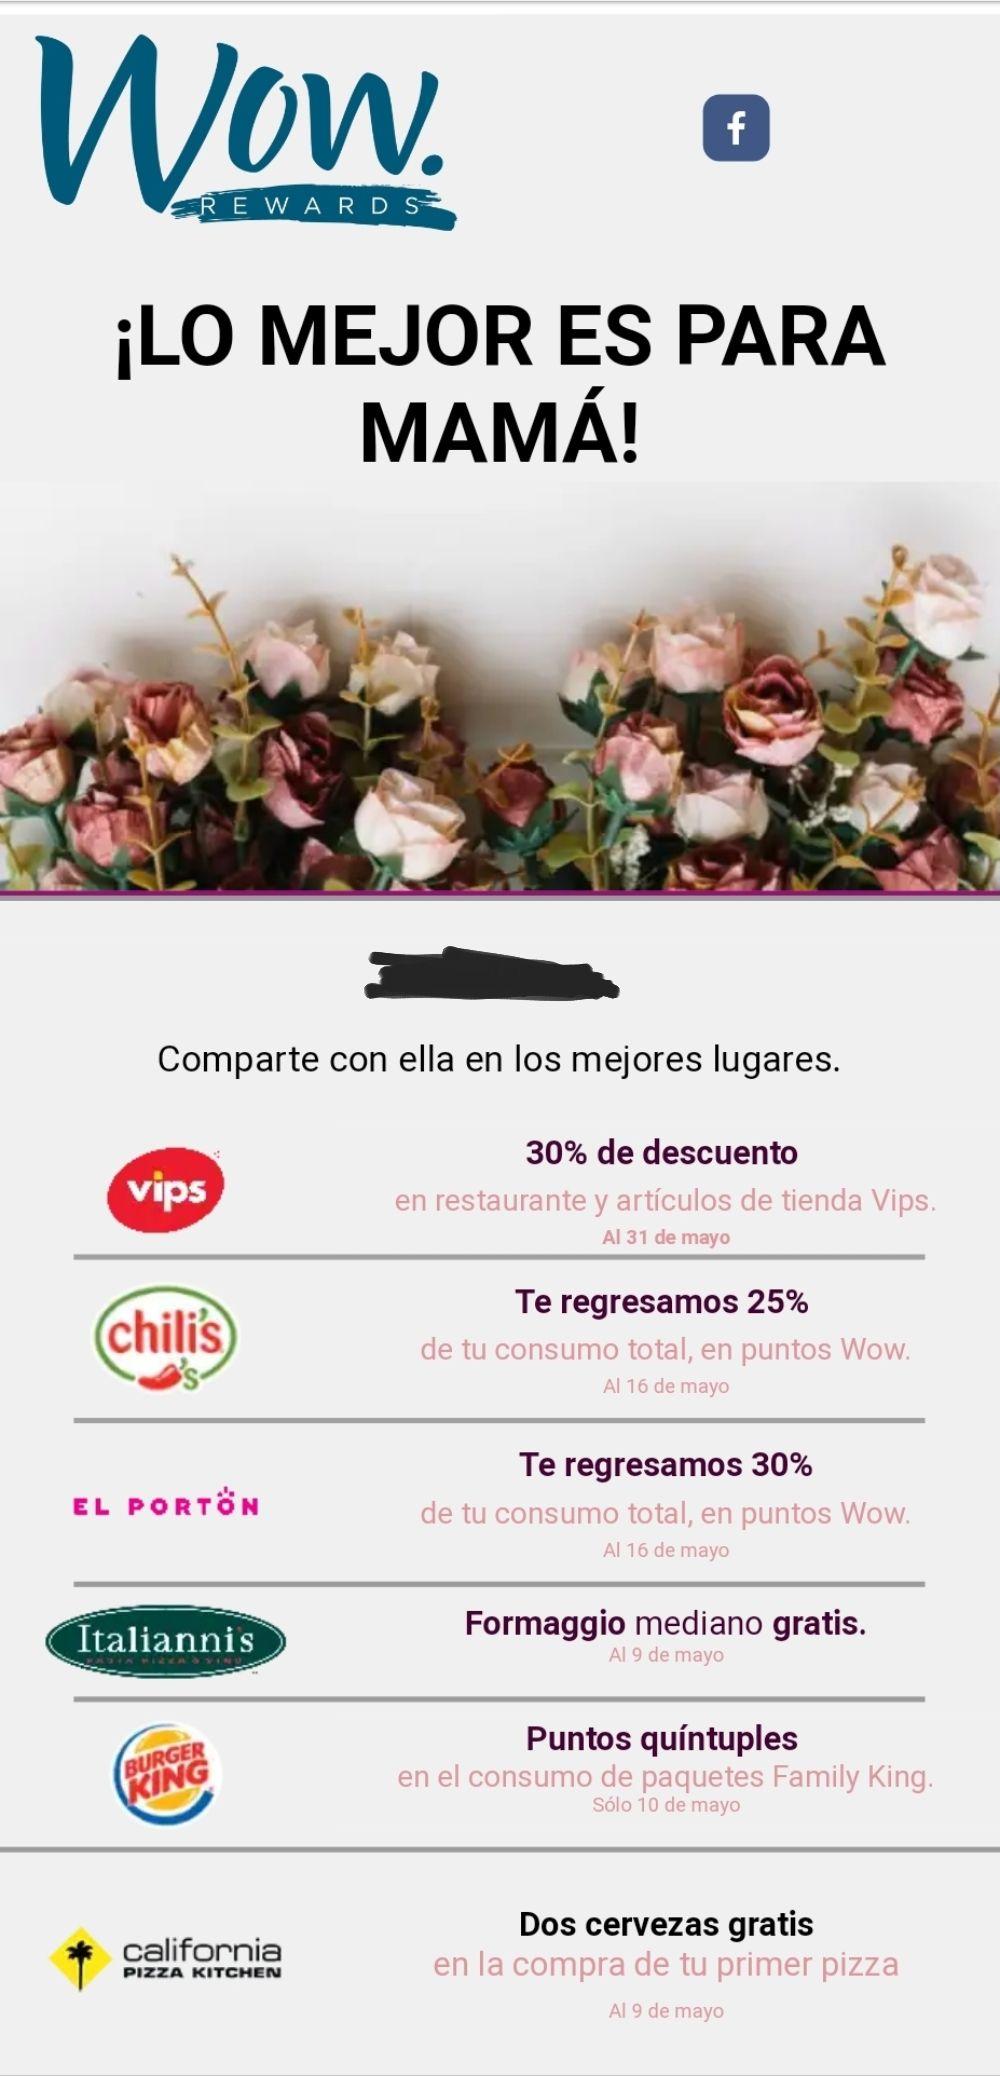 Wow Rewards: Descuentos y promociones para Mamá en Vips, Chilli's, El portón, Italianni's, Burguer king, CPK